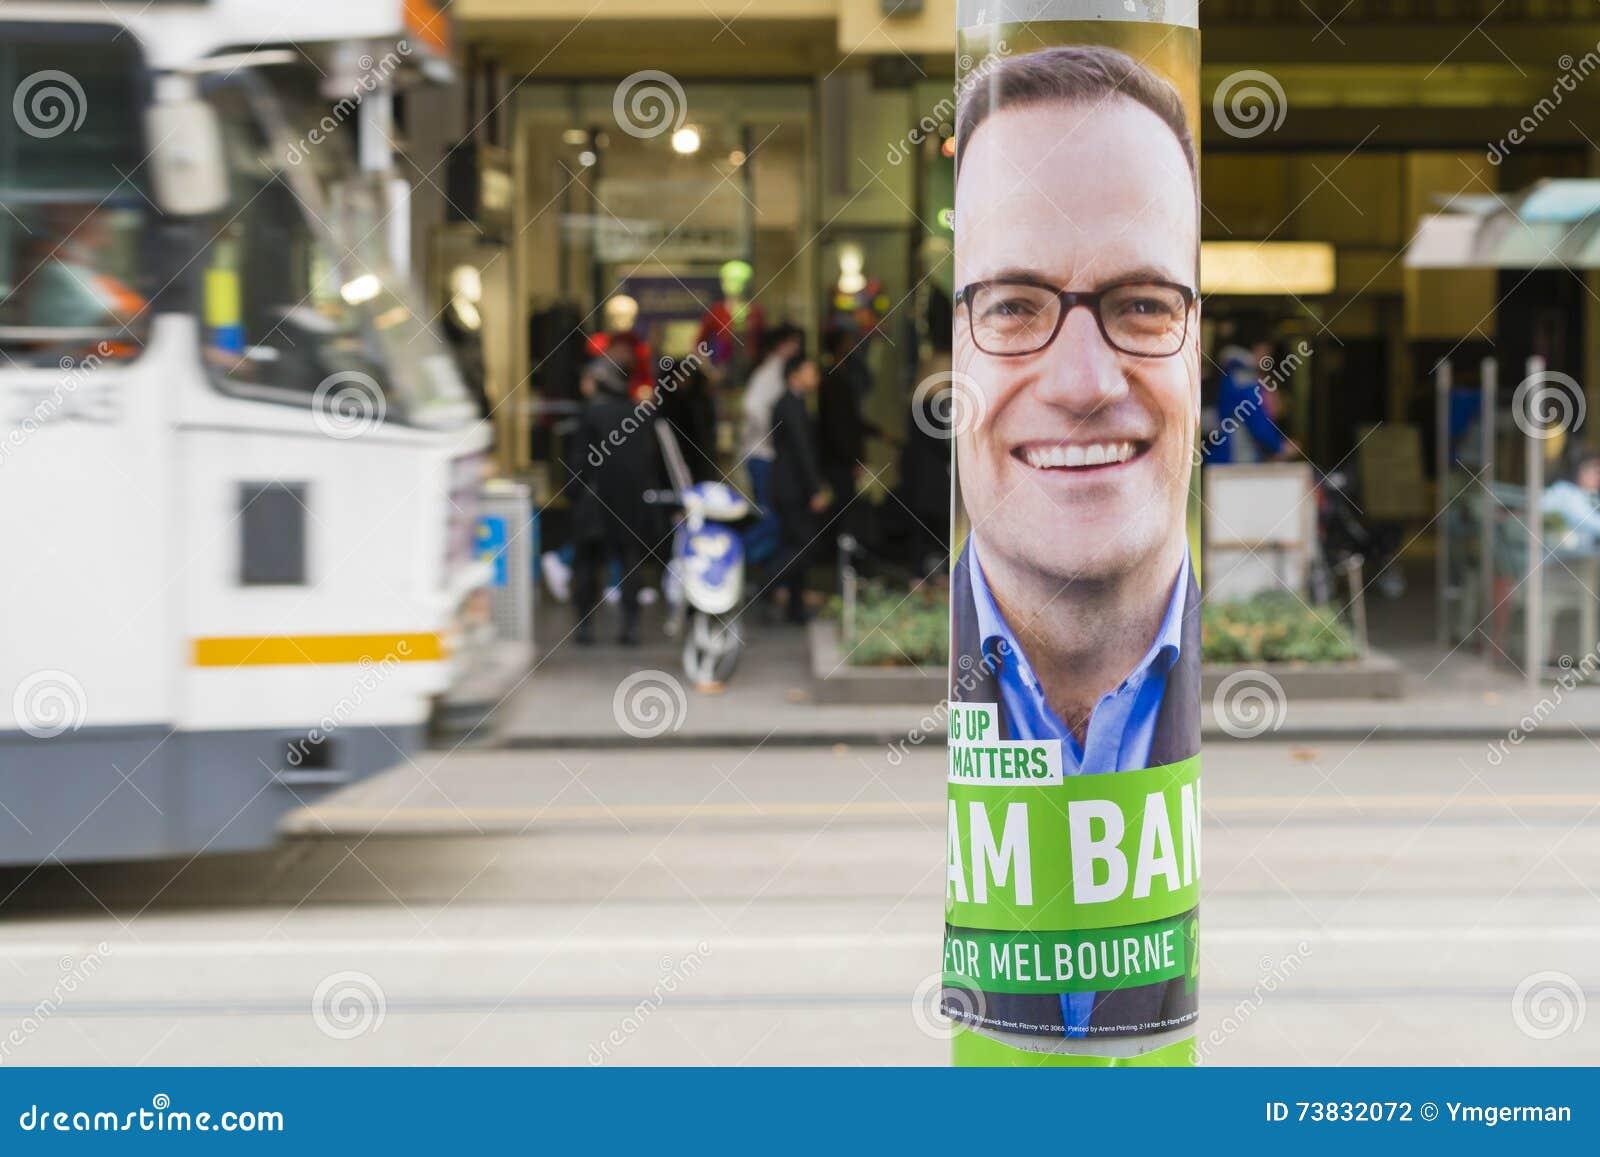 Bundestagswahlplakat in Melbourne